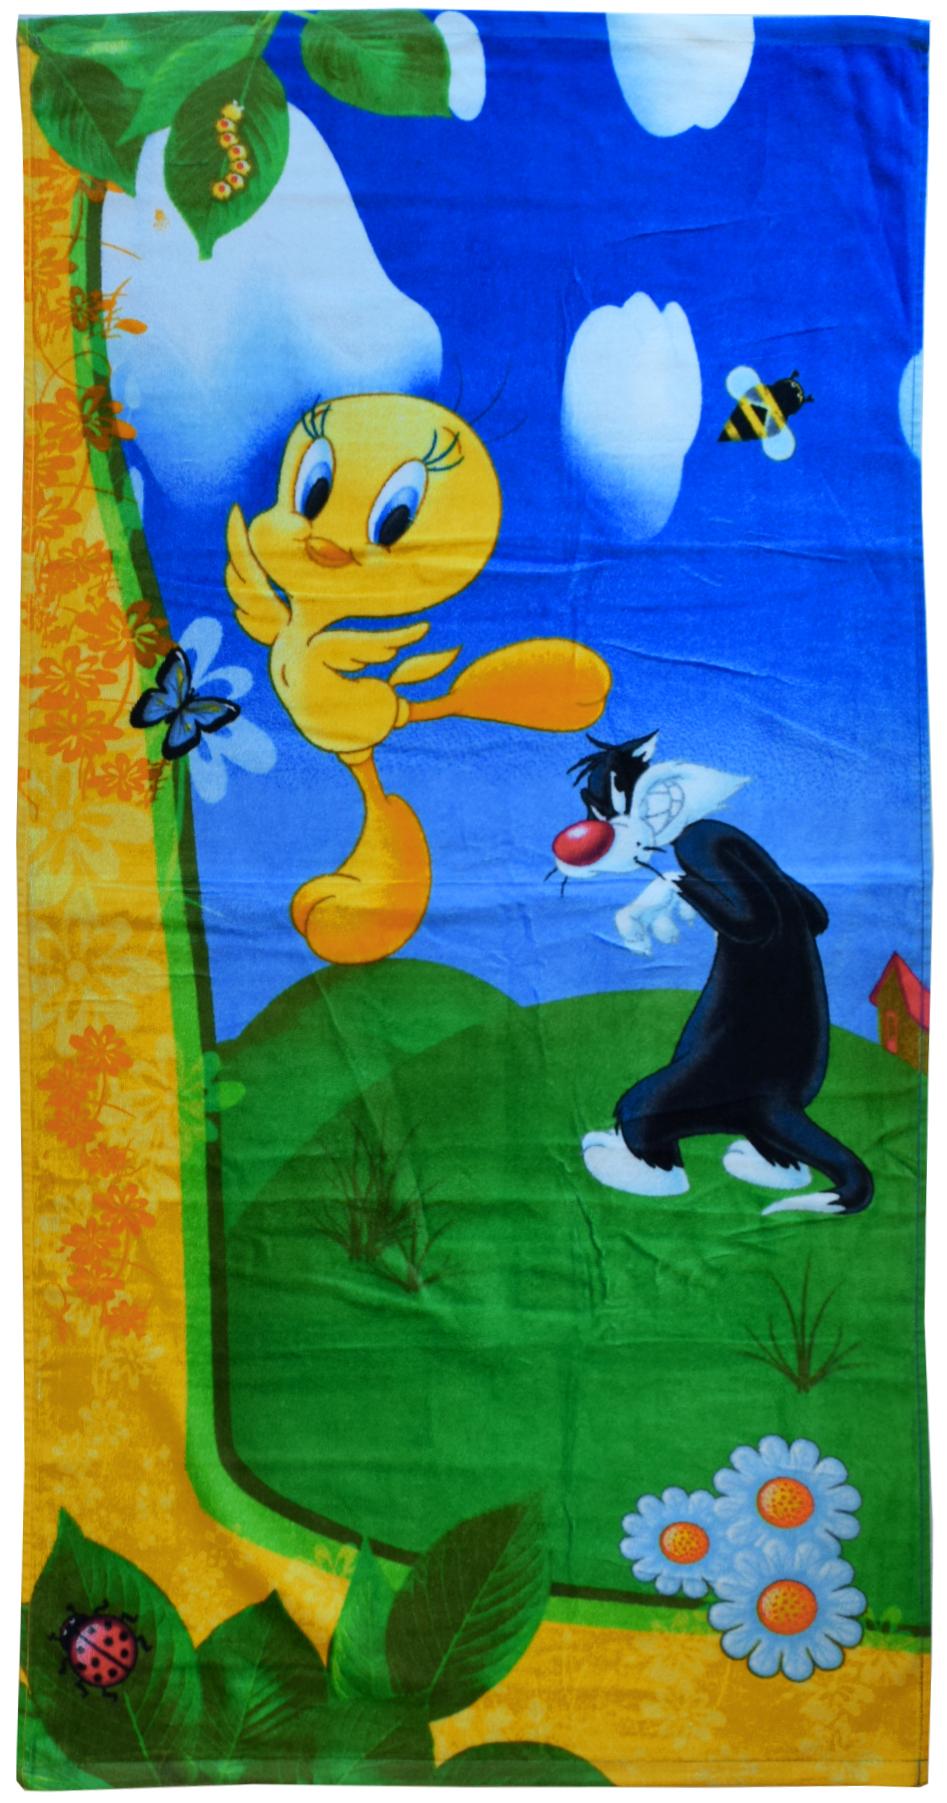 Полотенце 60*120 см, махровое, Твитти на природе01300115896Красочные полотенца 2 в 1: одна сторона развлекает, другая — вытирает.Разнообразие расцветок полотенец поможет окунуться в мир волшебных сказок и мультипликационных героев.